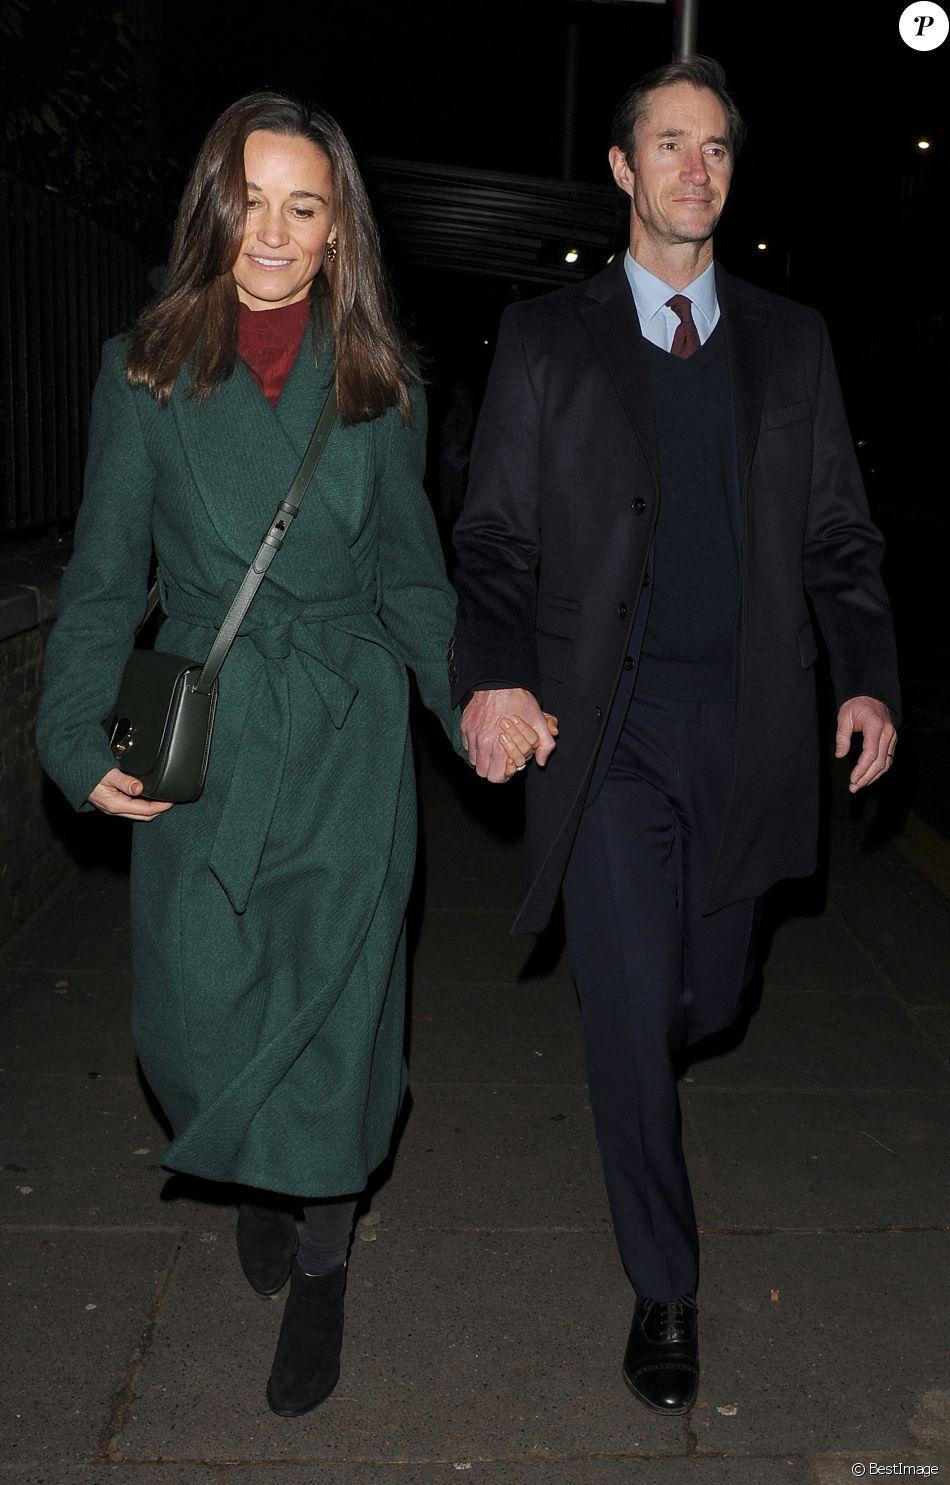 Сестра и мама Кейт Миддлтон появились в свете в стильных нарядах